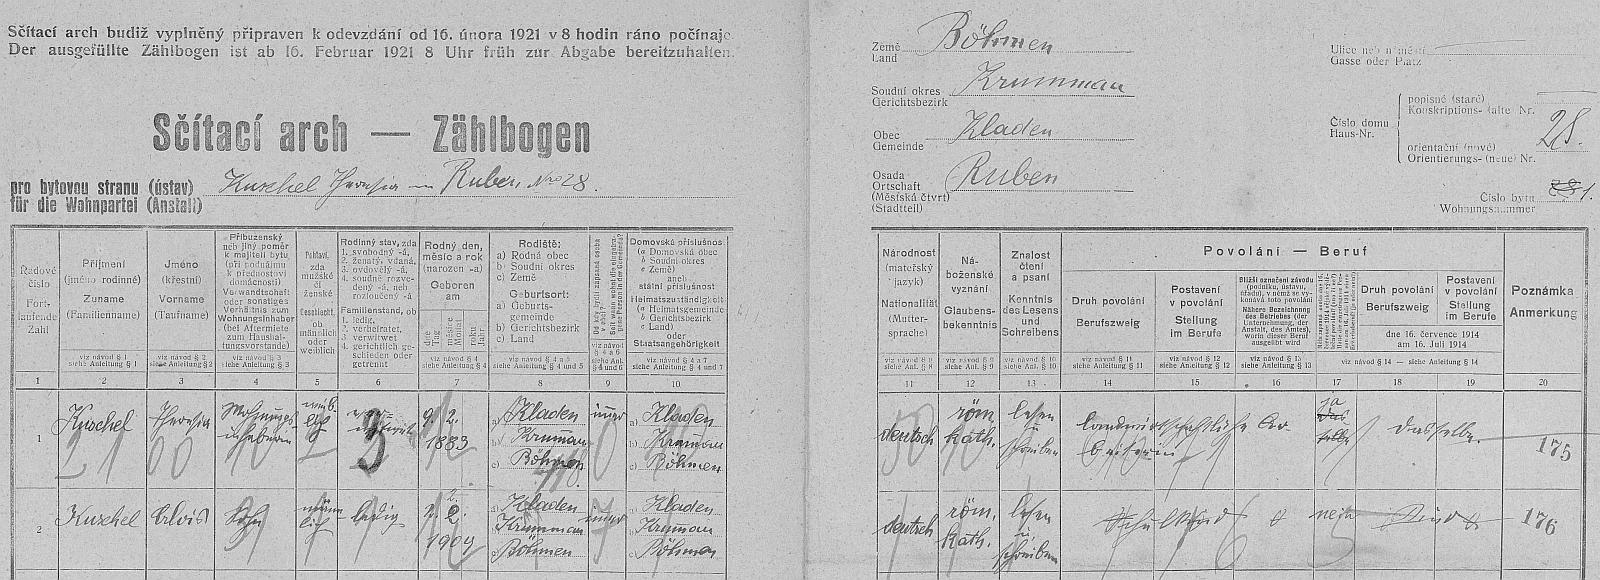 Arch sčítání lidu z roku 1921 pro stavení čp. 28 v osadě Rovné, kde tenkrát s ovdovělou už maminkou žil